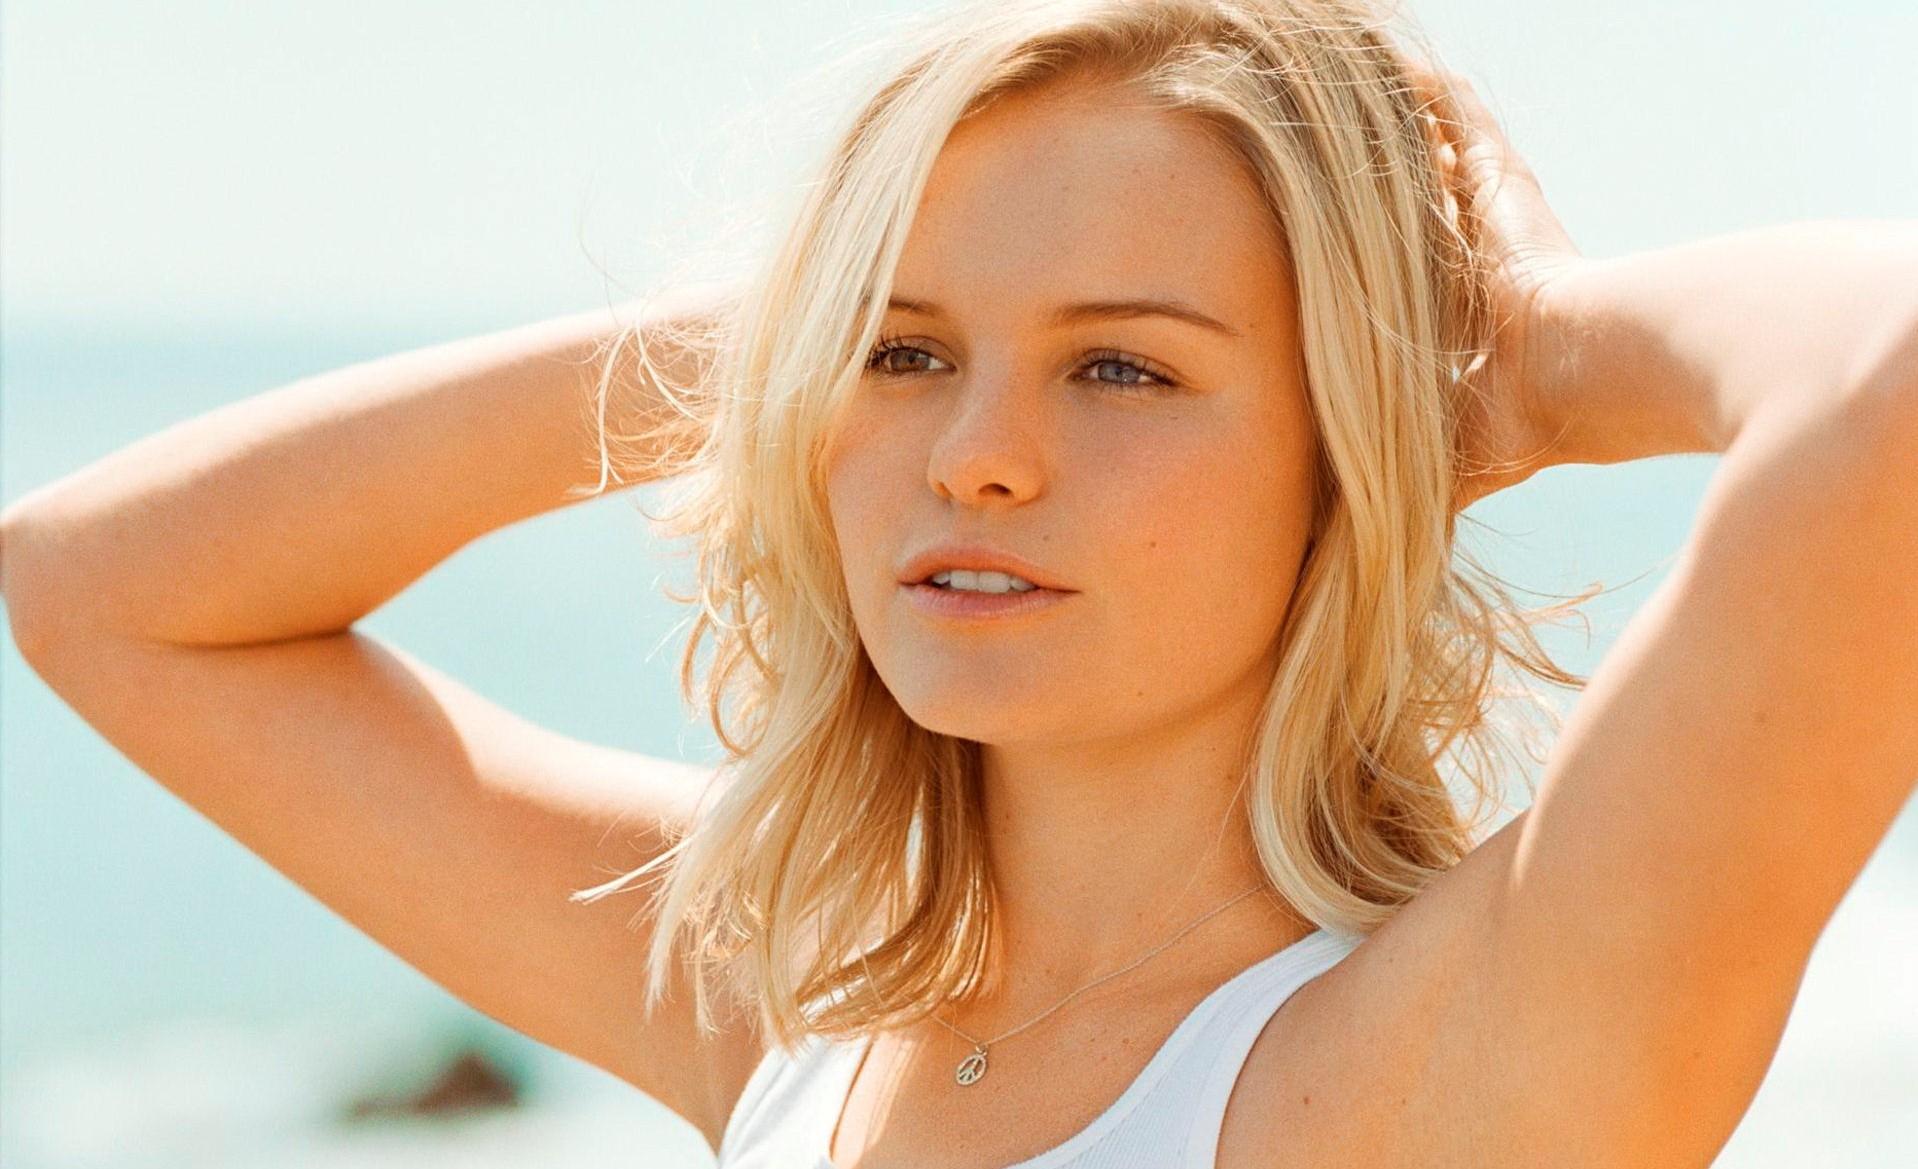 Kate Bosworth Wallpaper For Laptop